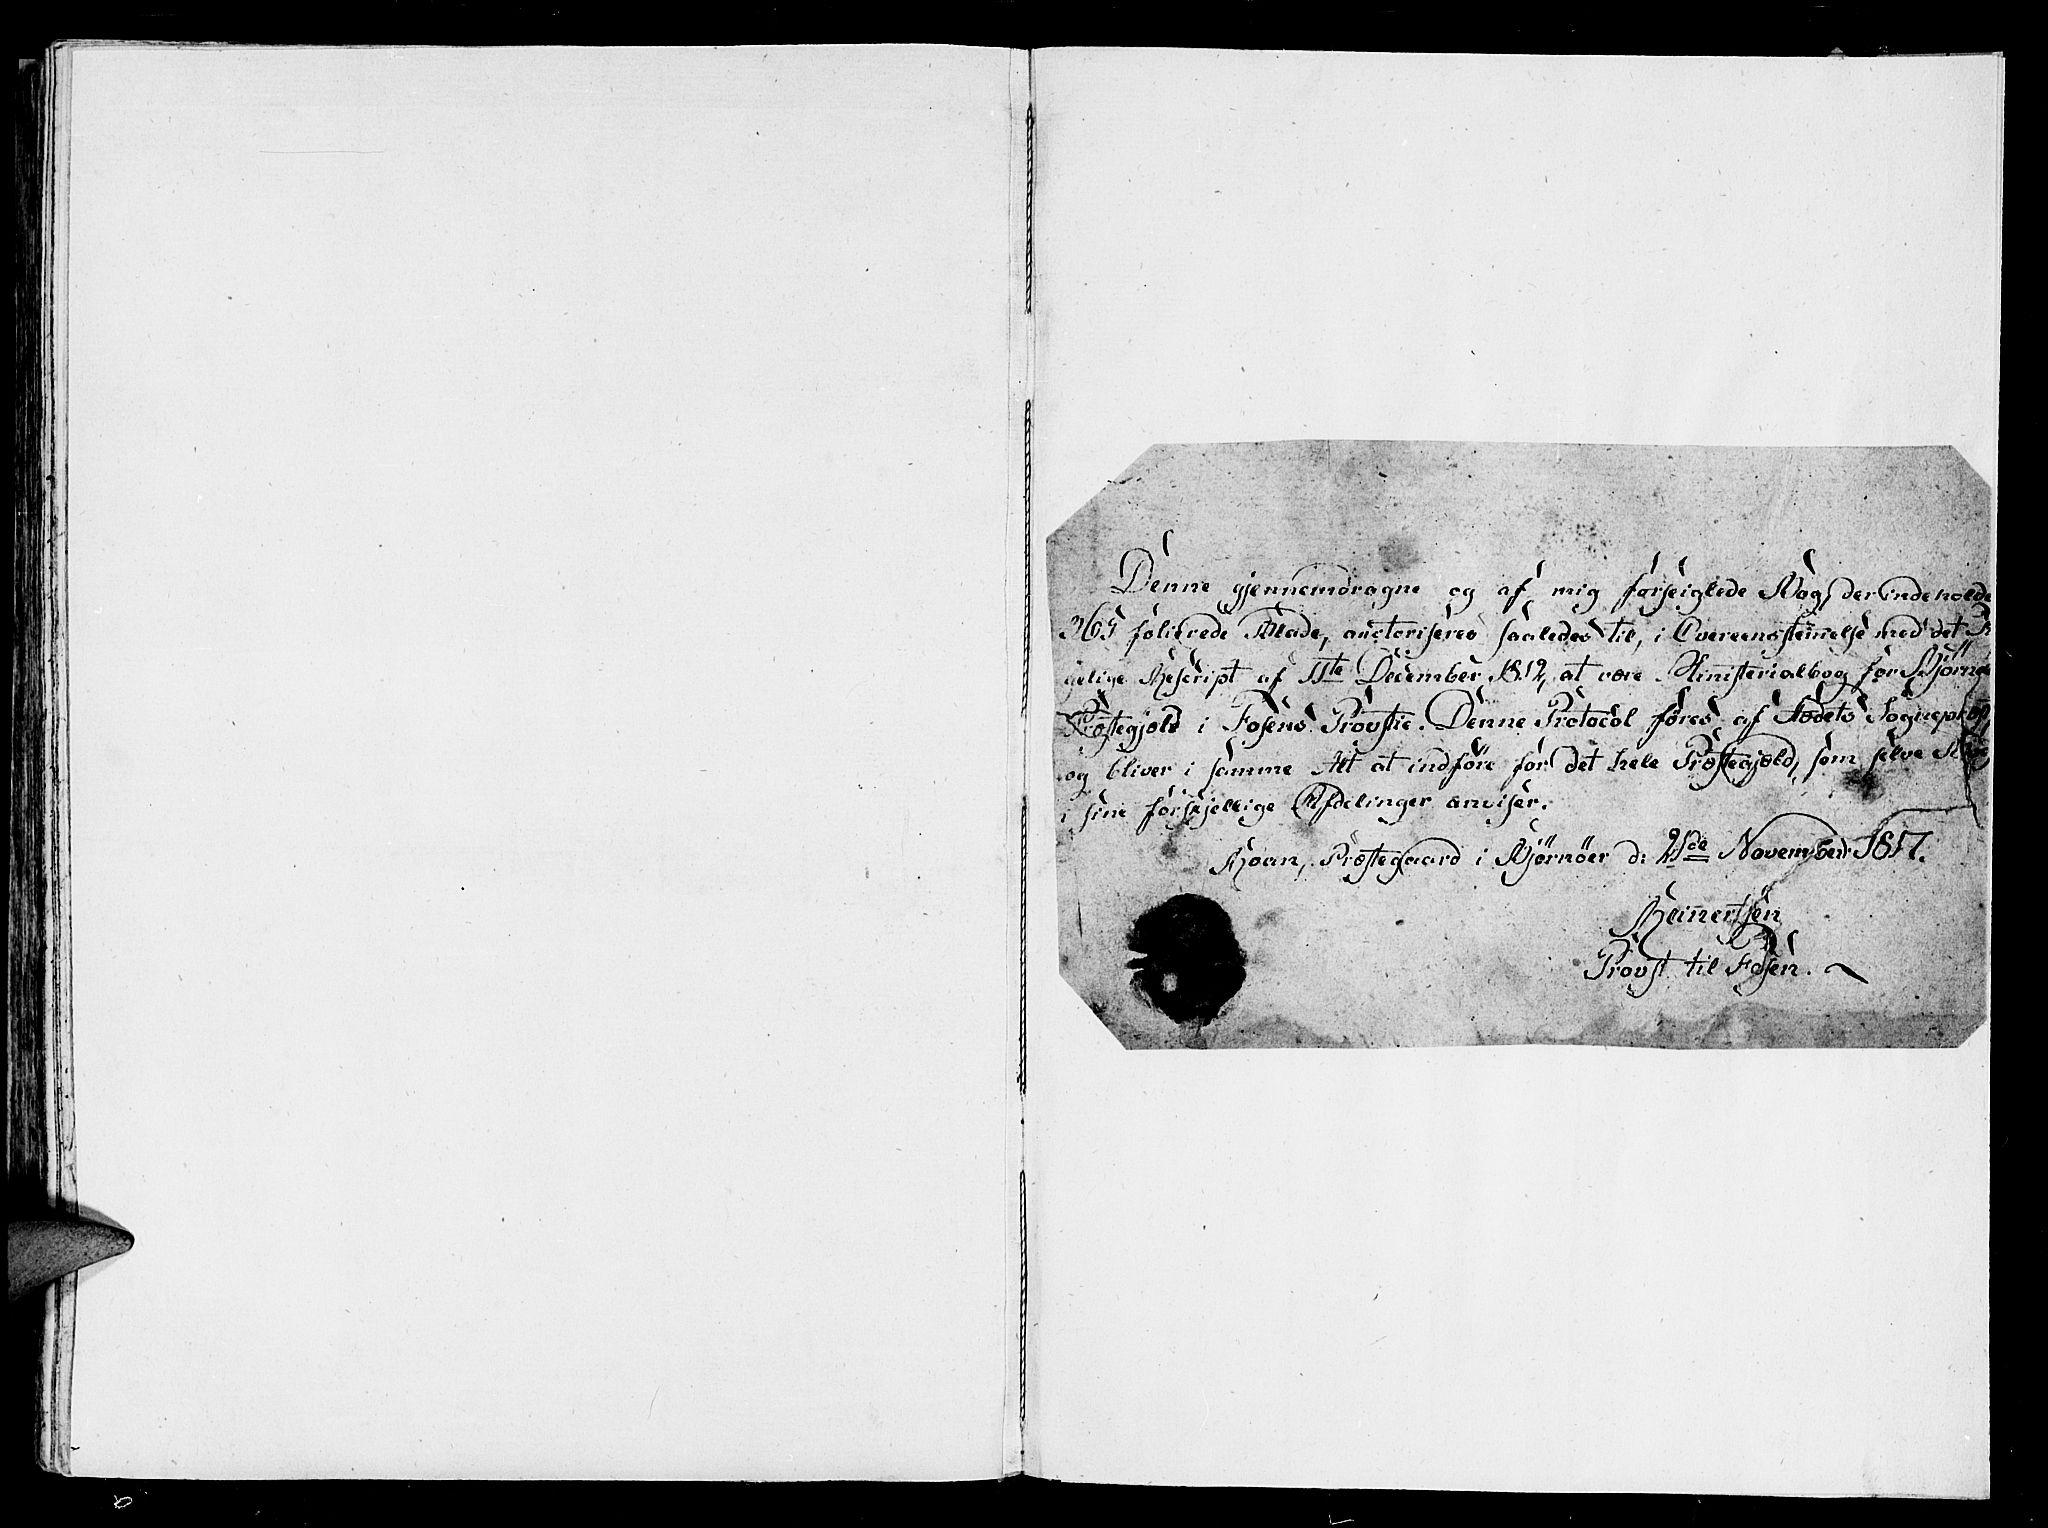 SAT, Ministerialprotokoller, klokkerbøker og fødselsregistre - Sør-Trøndelag, 657/L0702: Ministerialbok nr. 657A03, 1818-1831